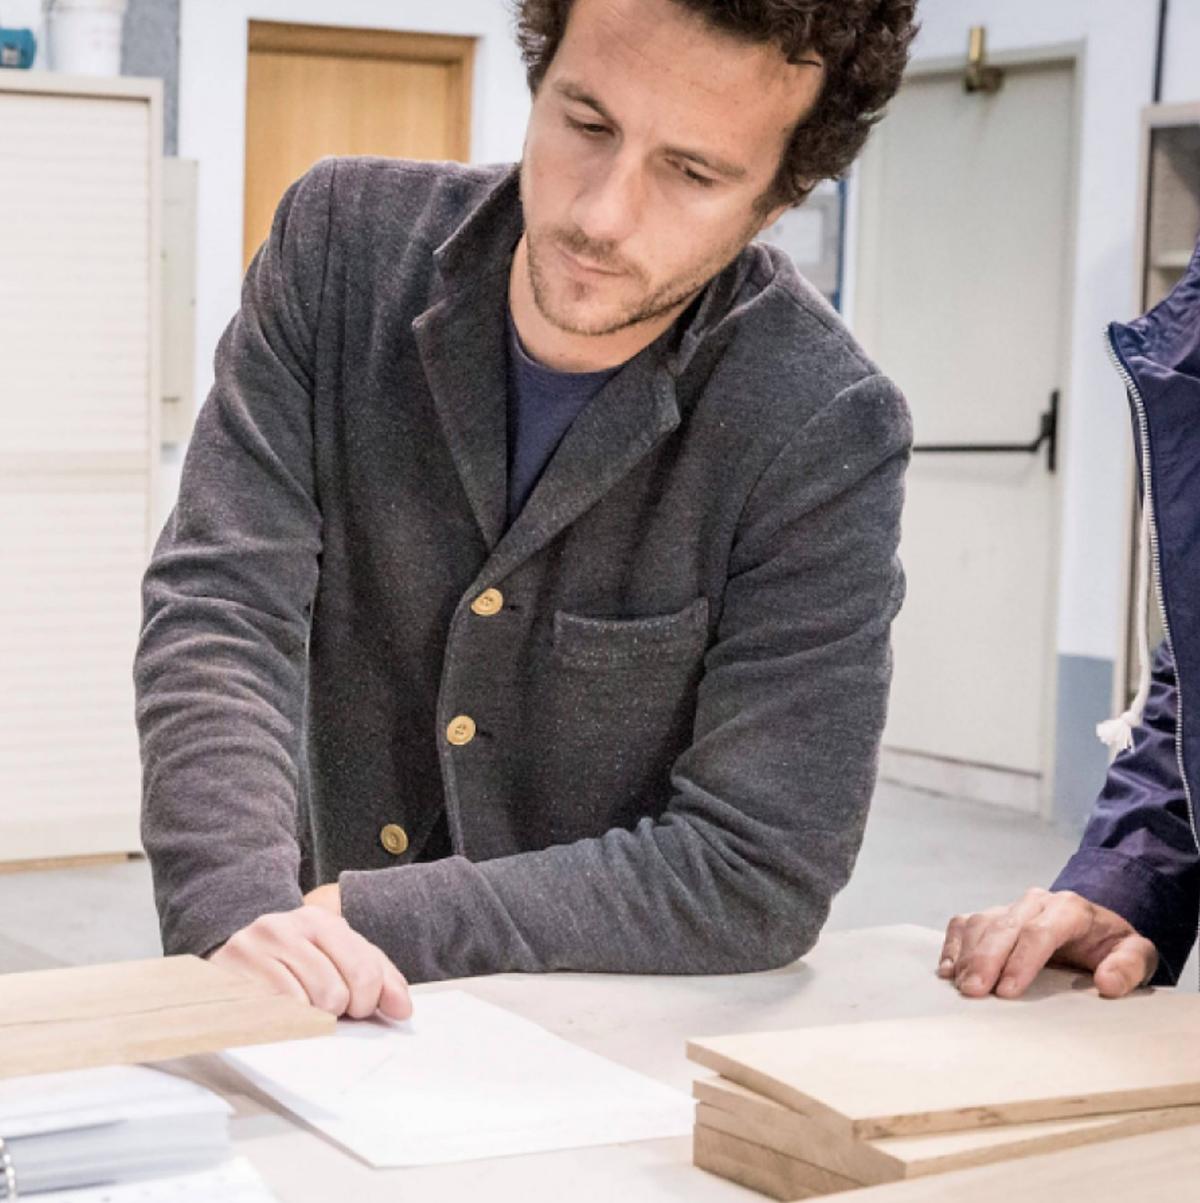 開発者のティモシー・カニャール氏。美しい家具のような高級スピーカー・オーディオ家具|La Boite Concept CUBE(ラ ボアット コンセプト キューブ)